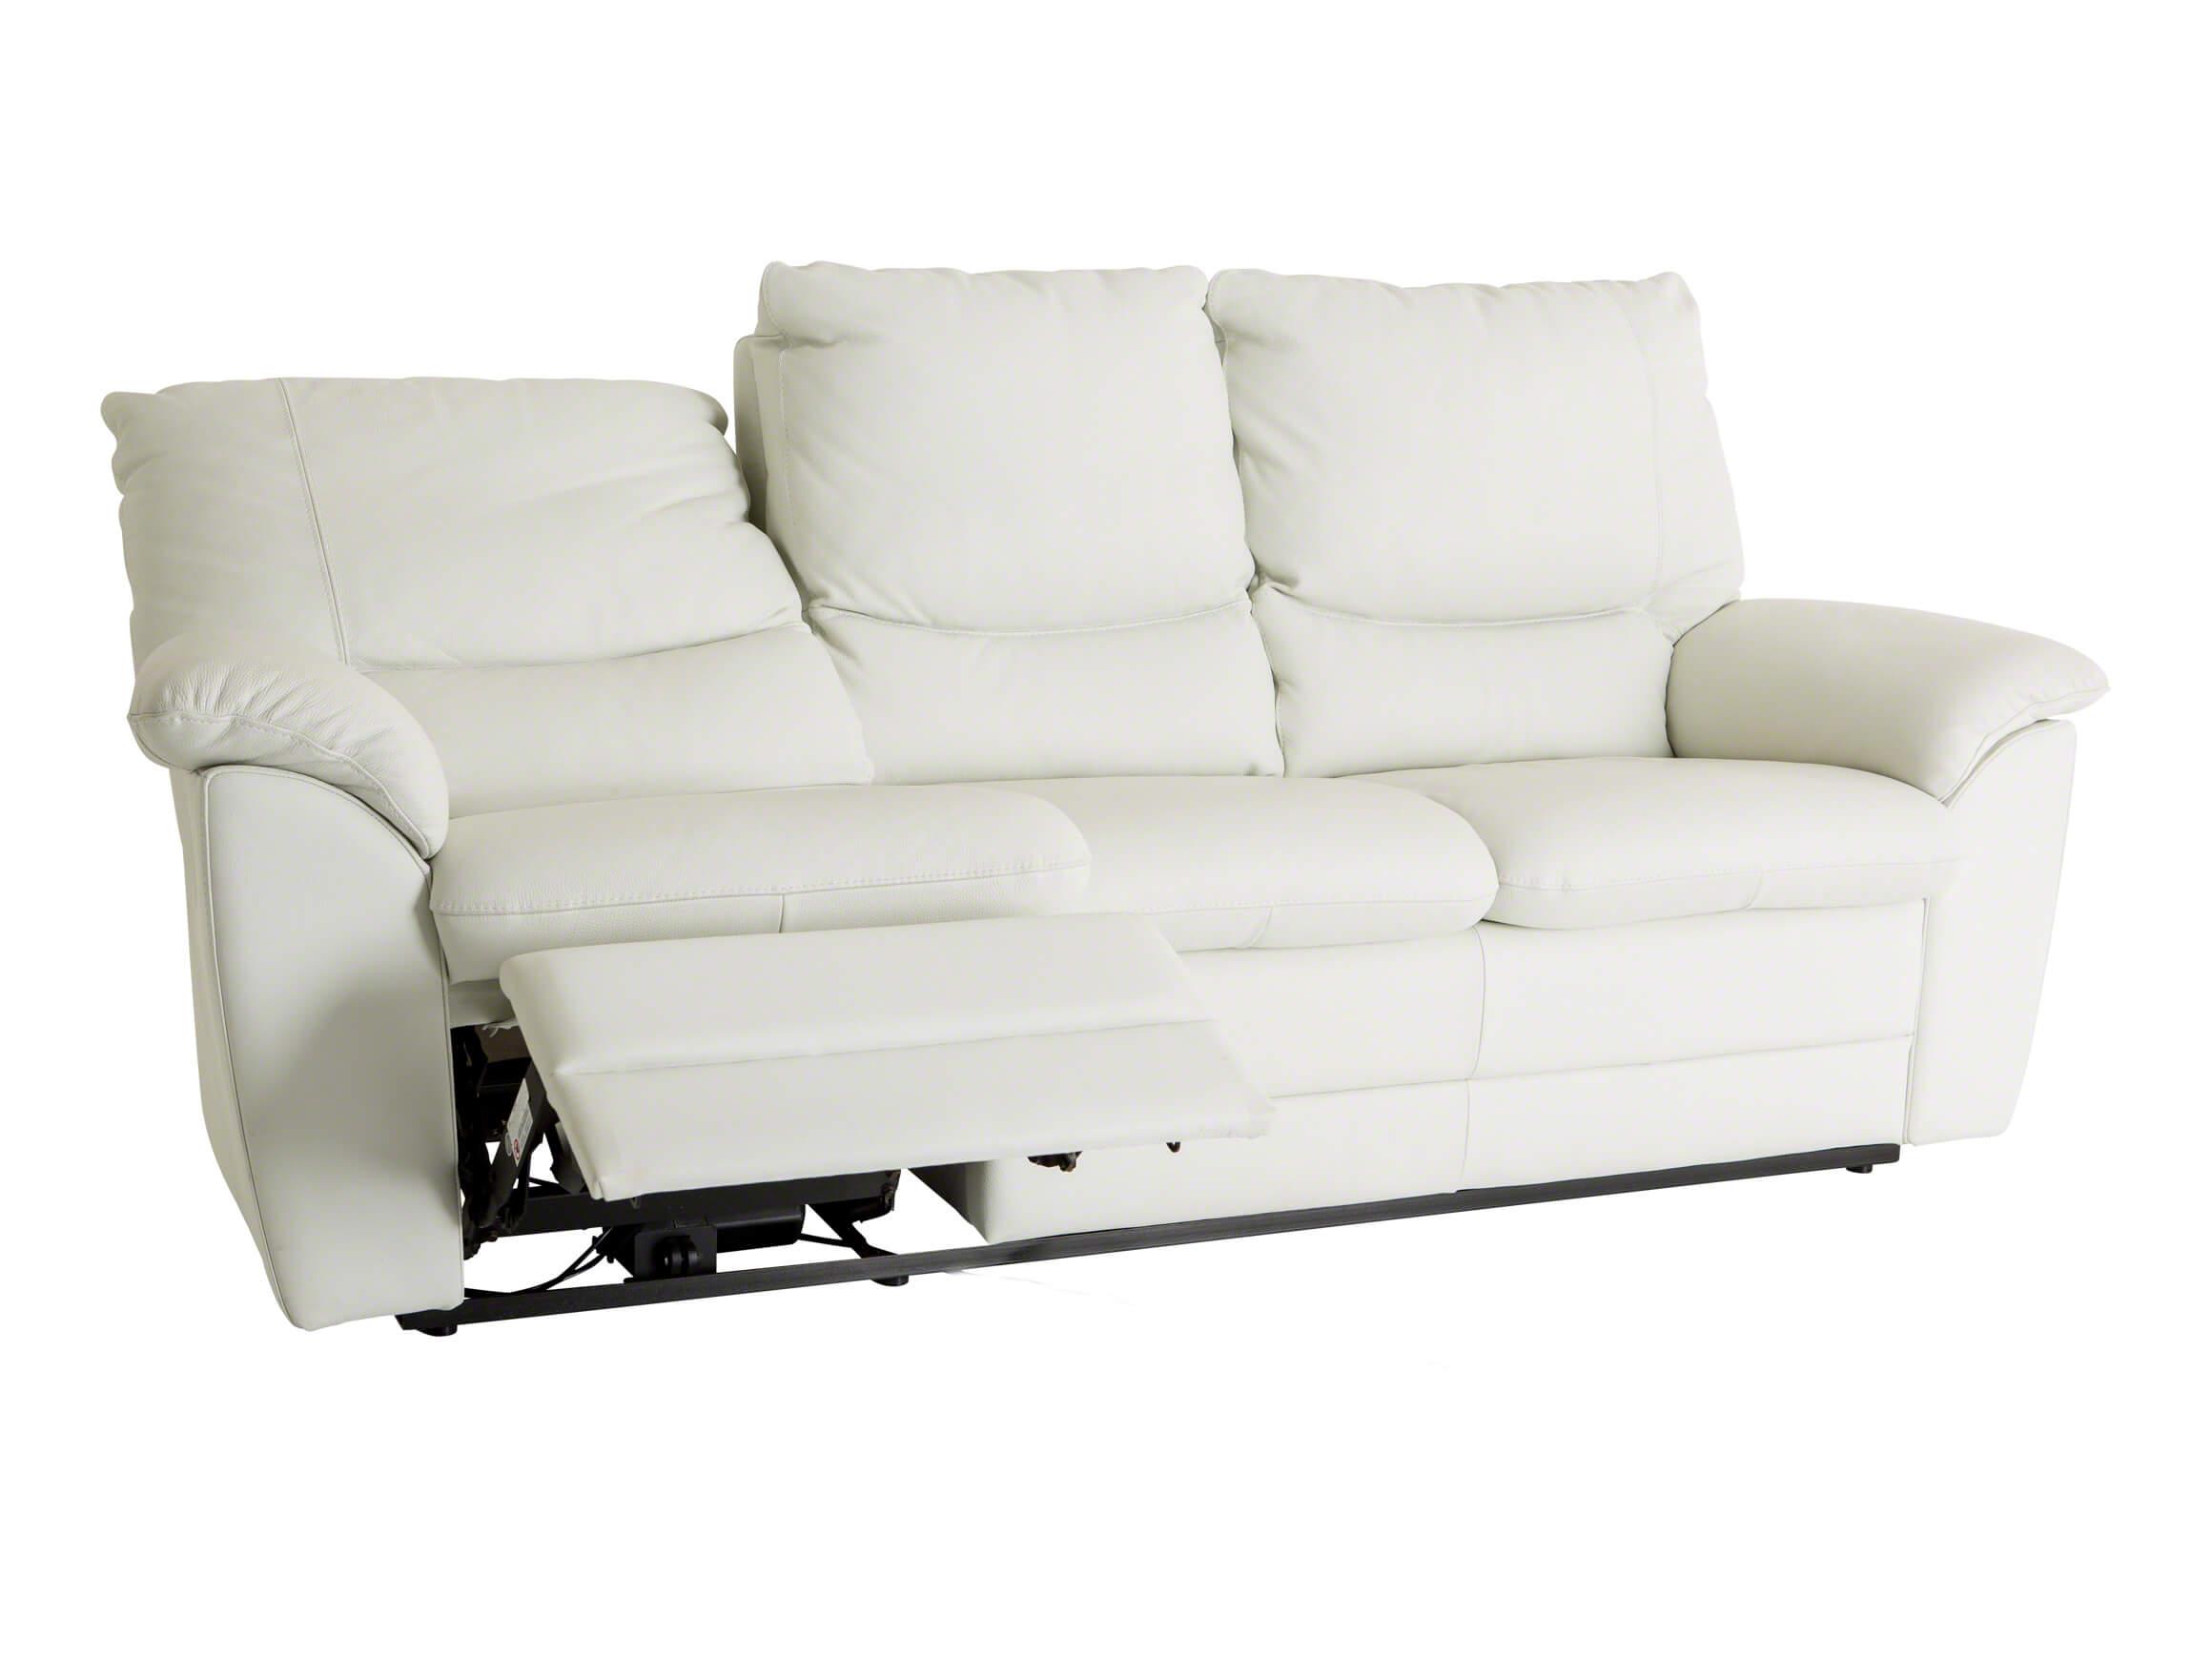 Full Size of Relaxsofa Elektrisch Himolla Relaxsessel Bewertung Verstellbar Stoff Microfaser Test 2er Leder 3 Sitzer Mit Aufstehhilfe 2 Sitzer Sofa Buffalo Elektrischer Wohnzimmer Relaxsofa Elektrisch